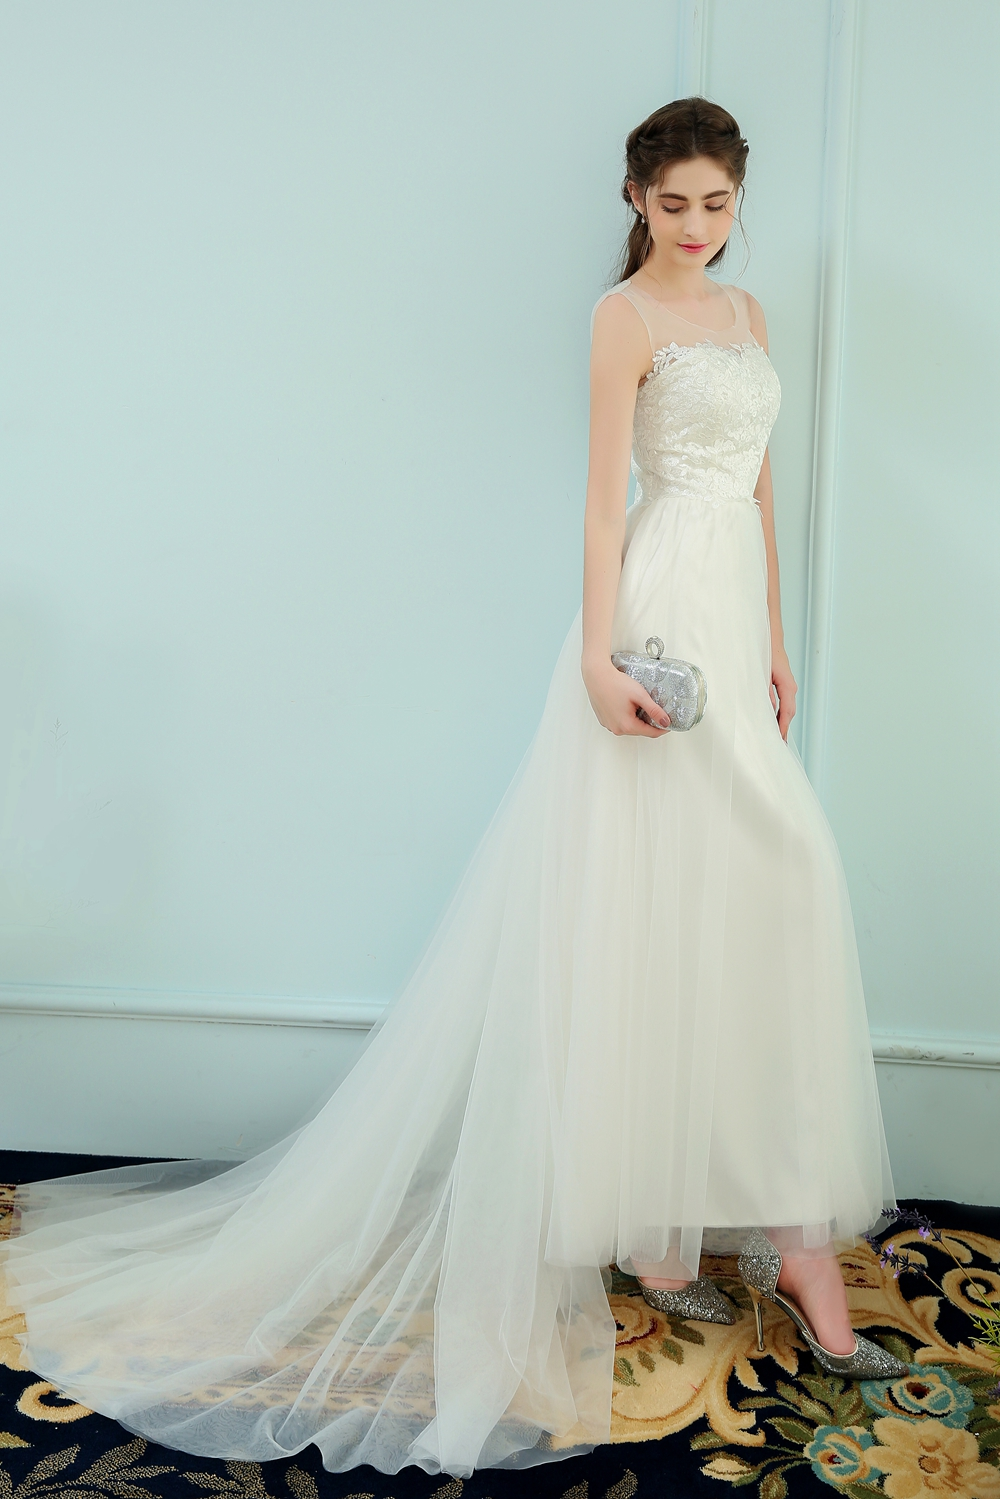 Modern Vestido Novia Bilbao Component - Wedding Dress - googeb.com